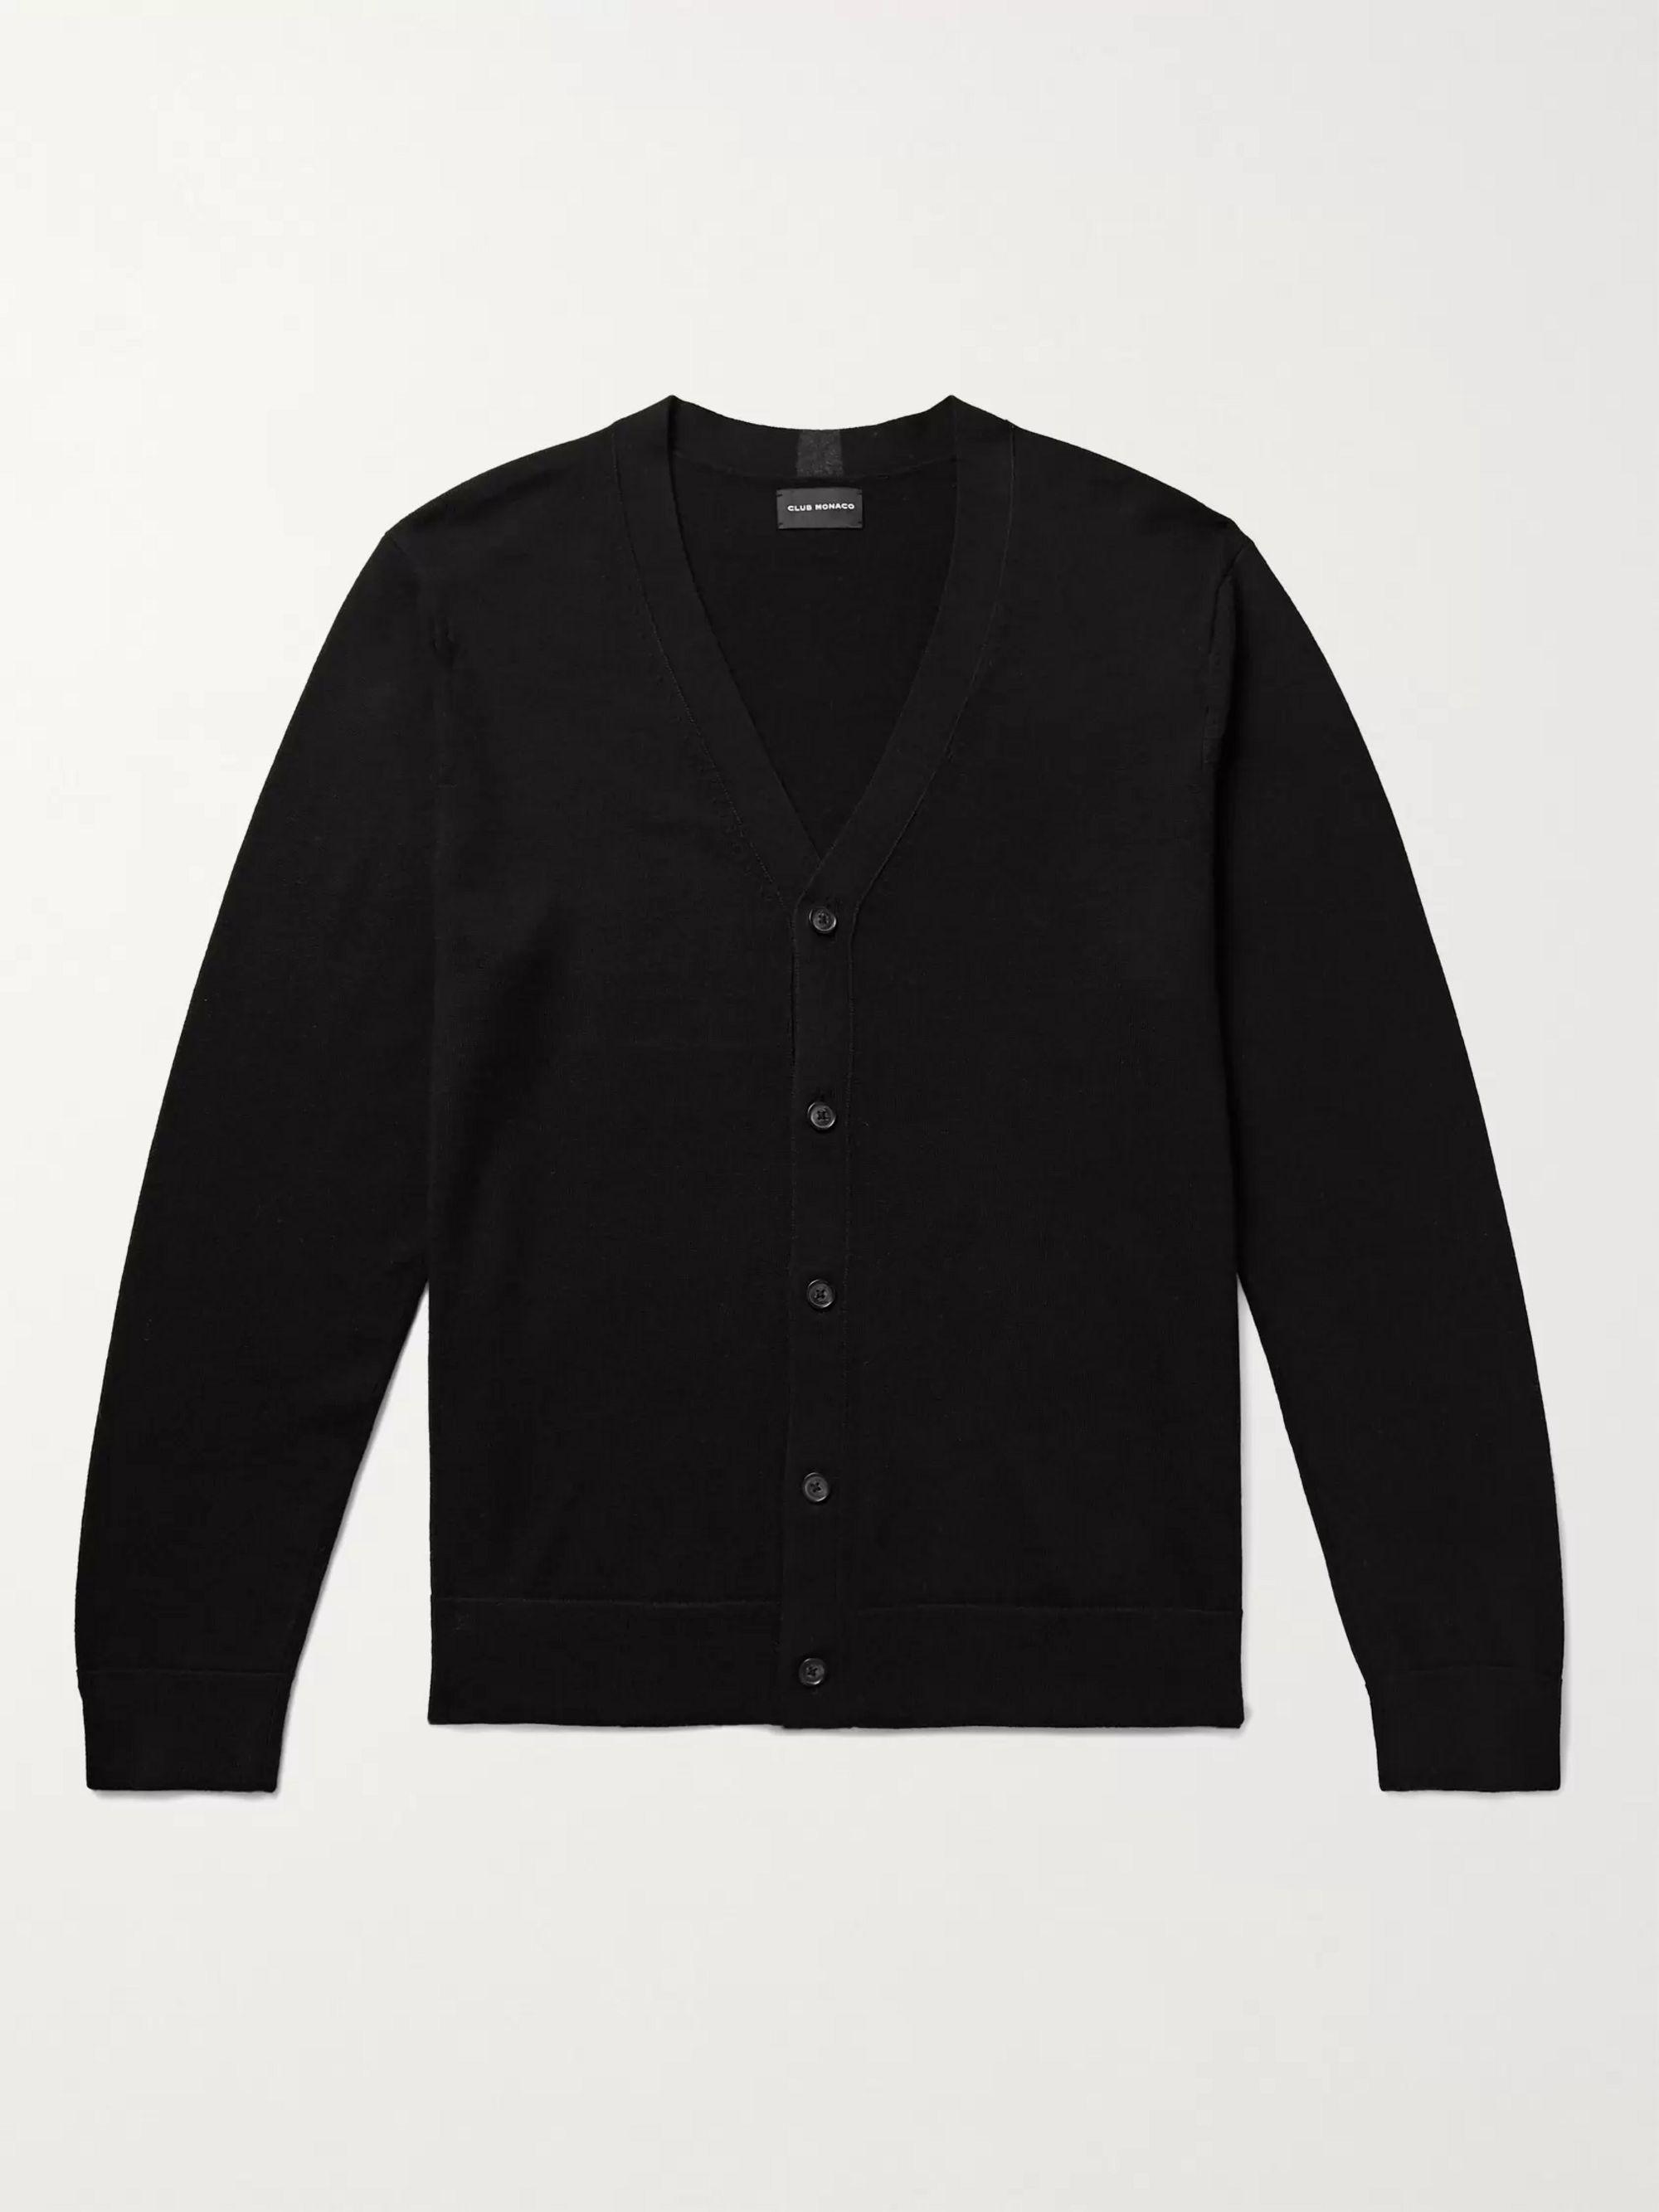 CLUB MONACO Wool Cardigan